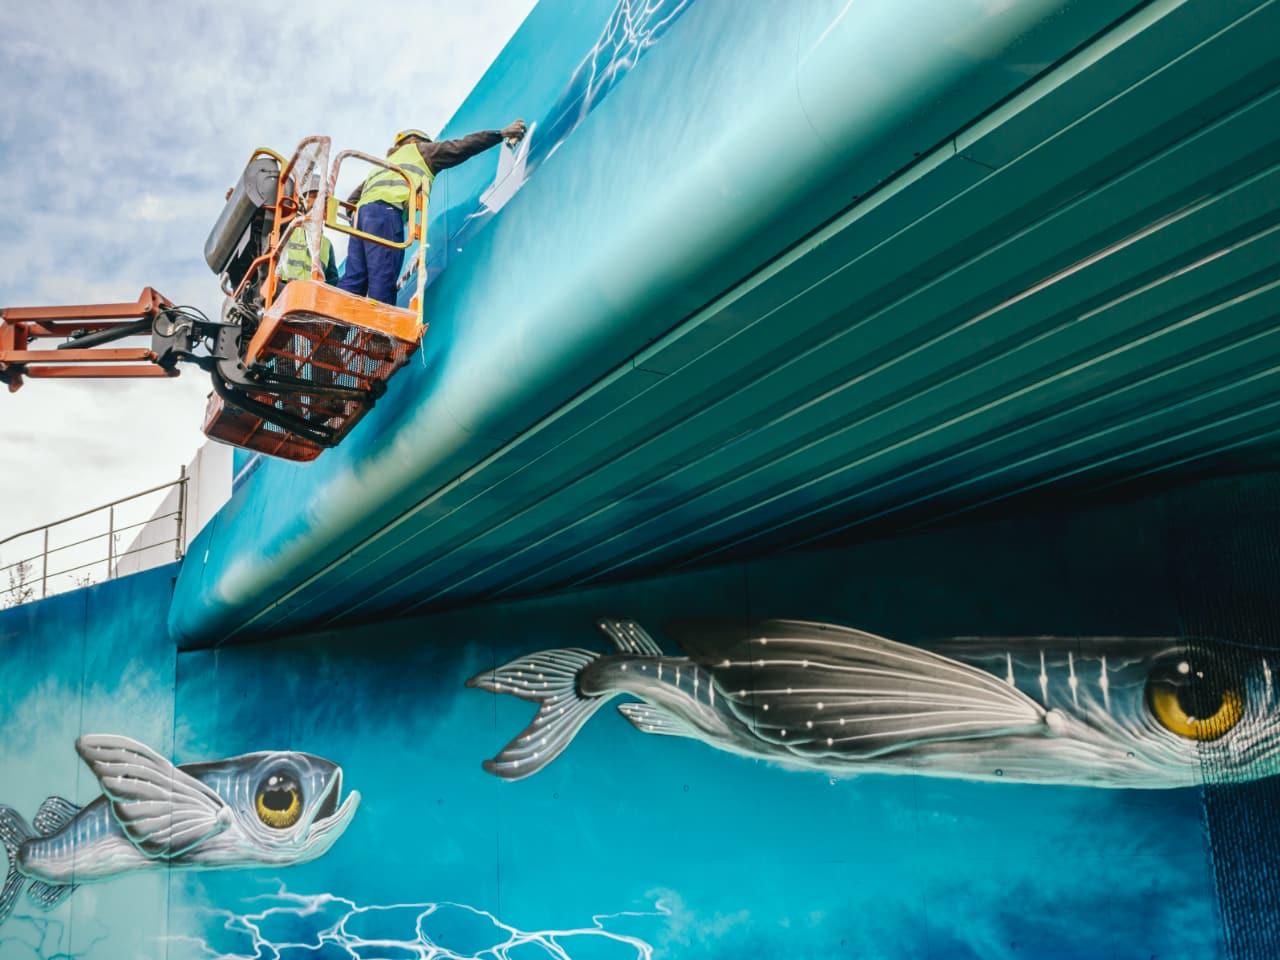 Fresque murale réalisée par Veks Van Hillik et Etien sous l'autoroute A480